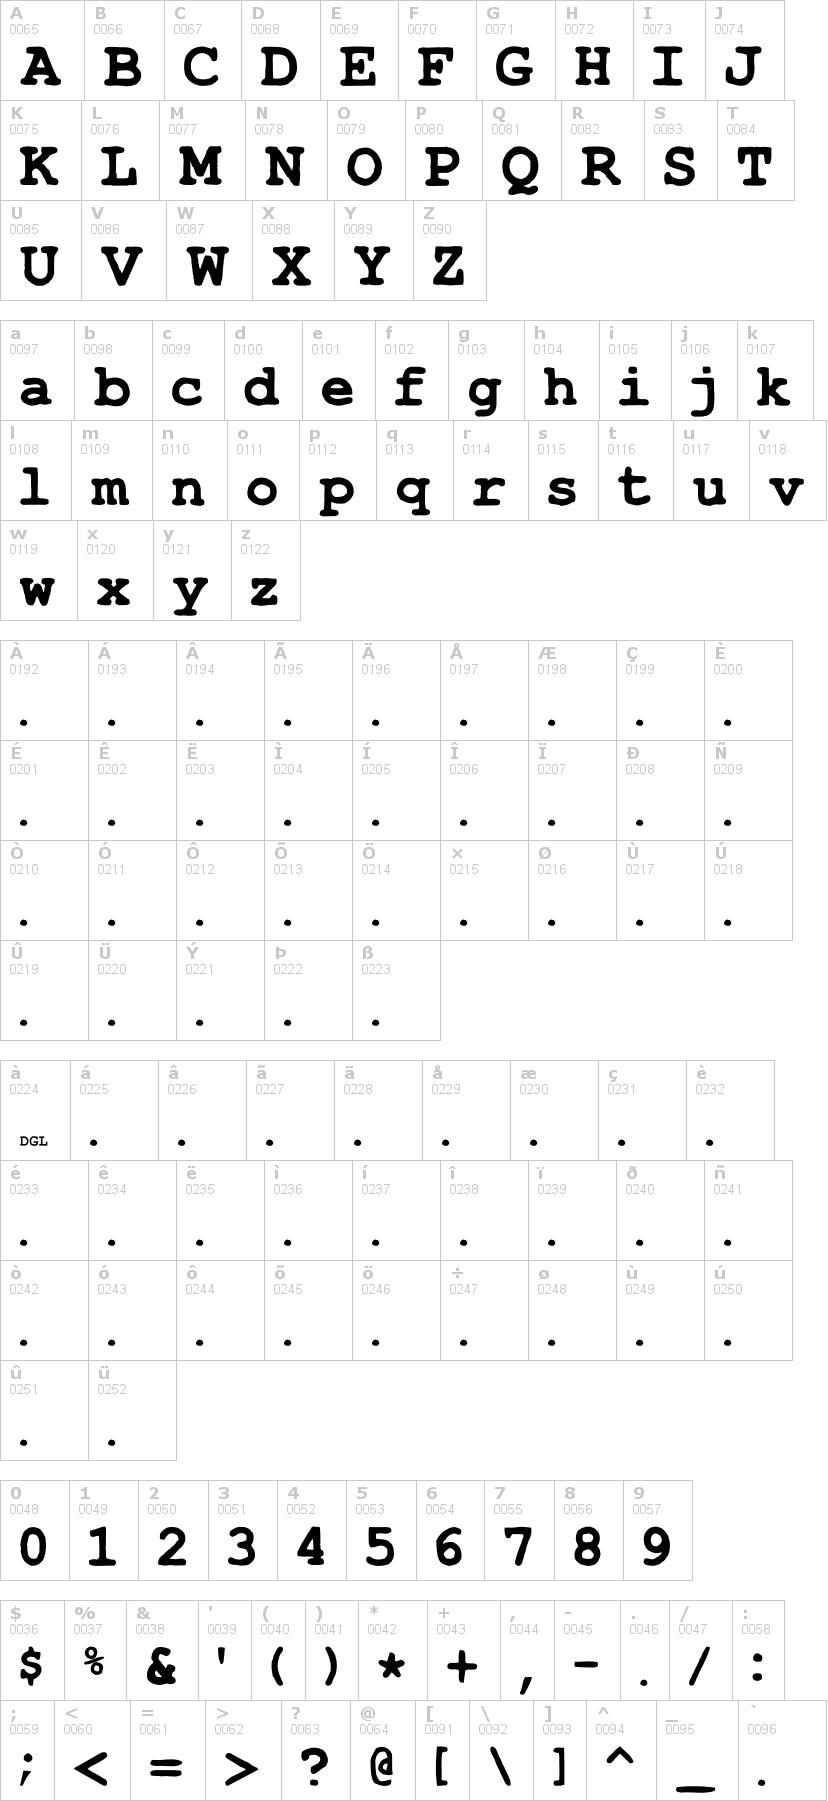 Lettere dell'alfabeto del font type-wrong con le quali è possibile realizzare adesivi prespaziati